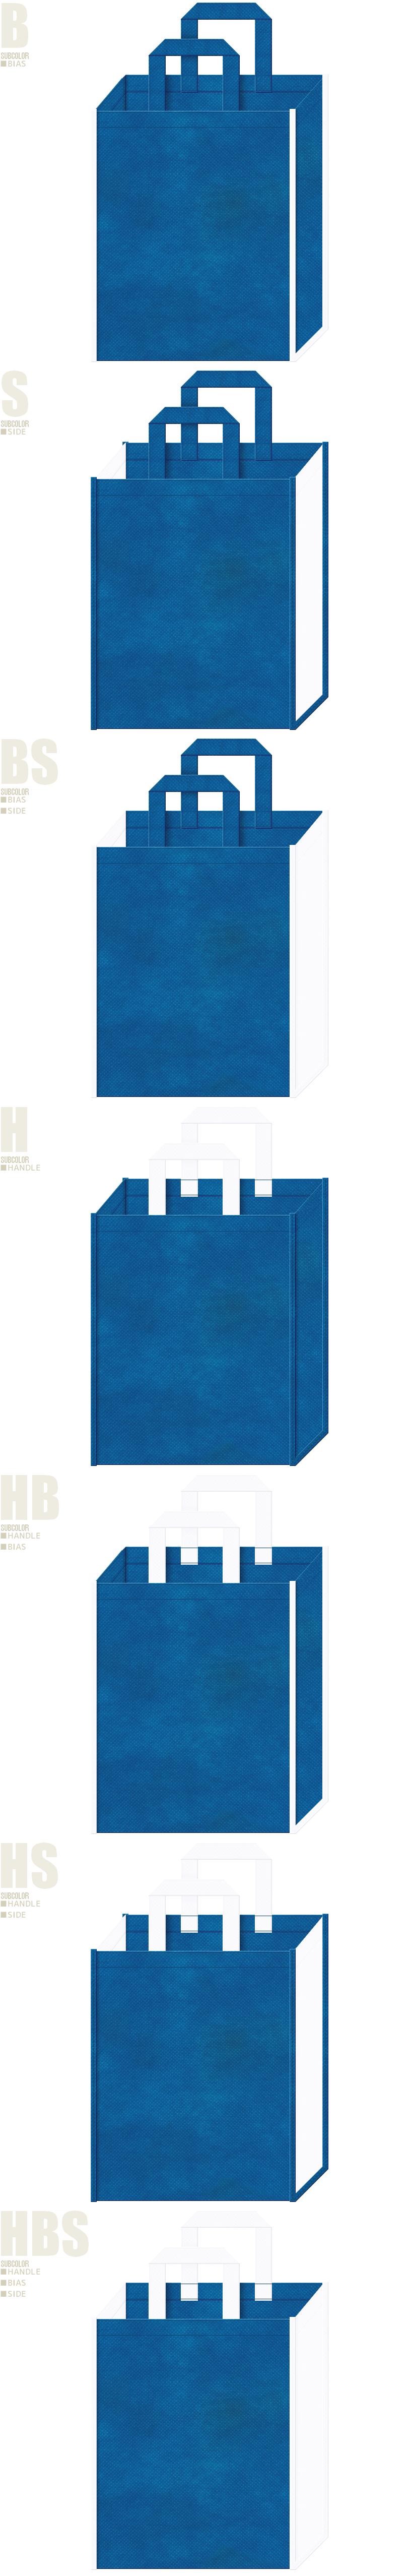 道路標識のイメージ・サマーイベント・アクアリウム・ビーチ用品の展示会用バッグにお奨めの不織布バッグデザイン:青色と白色の不織布バッグ配色7パターン。